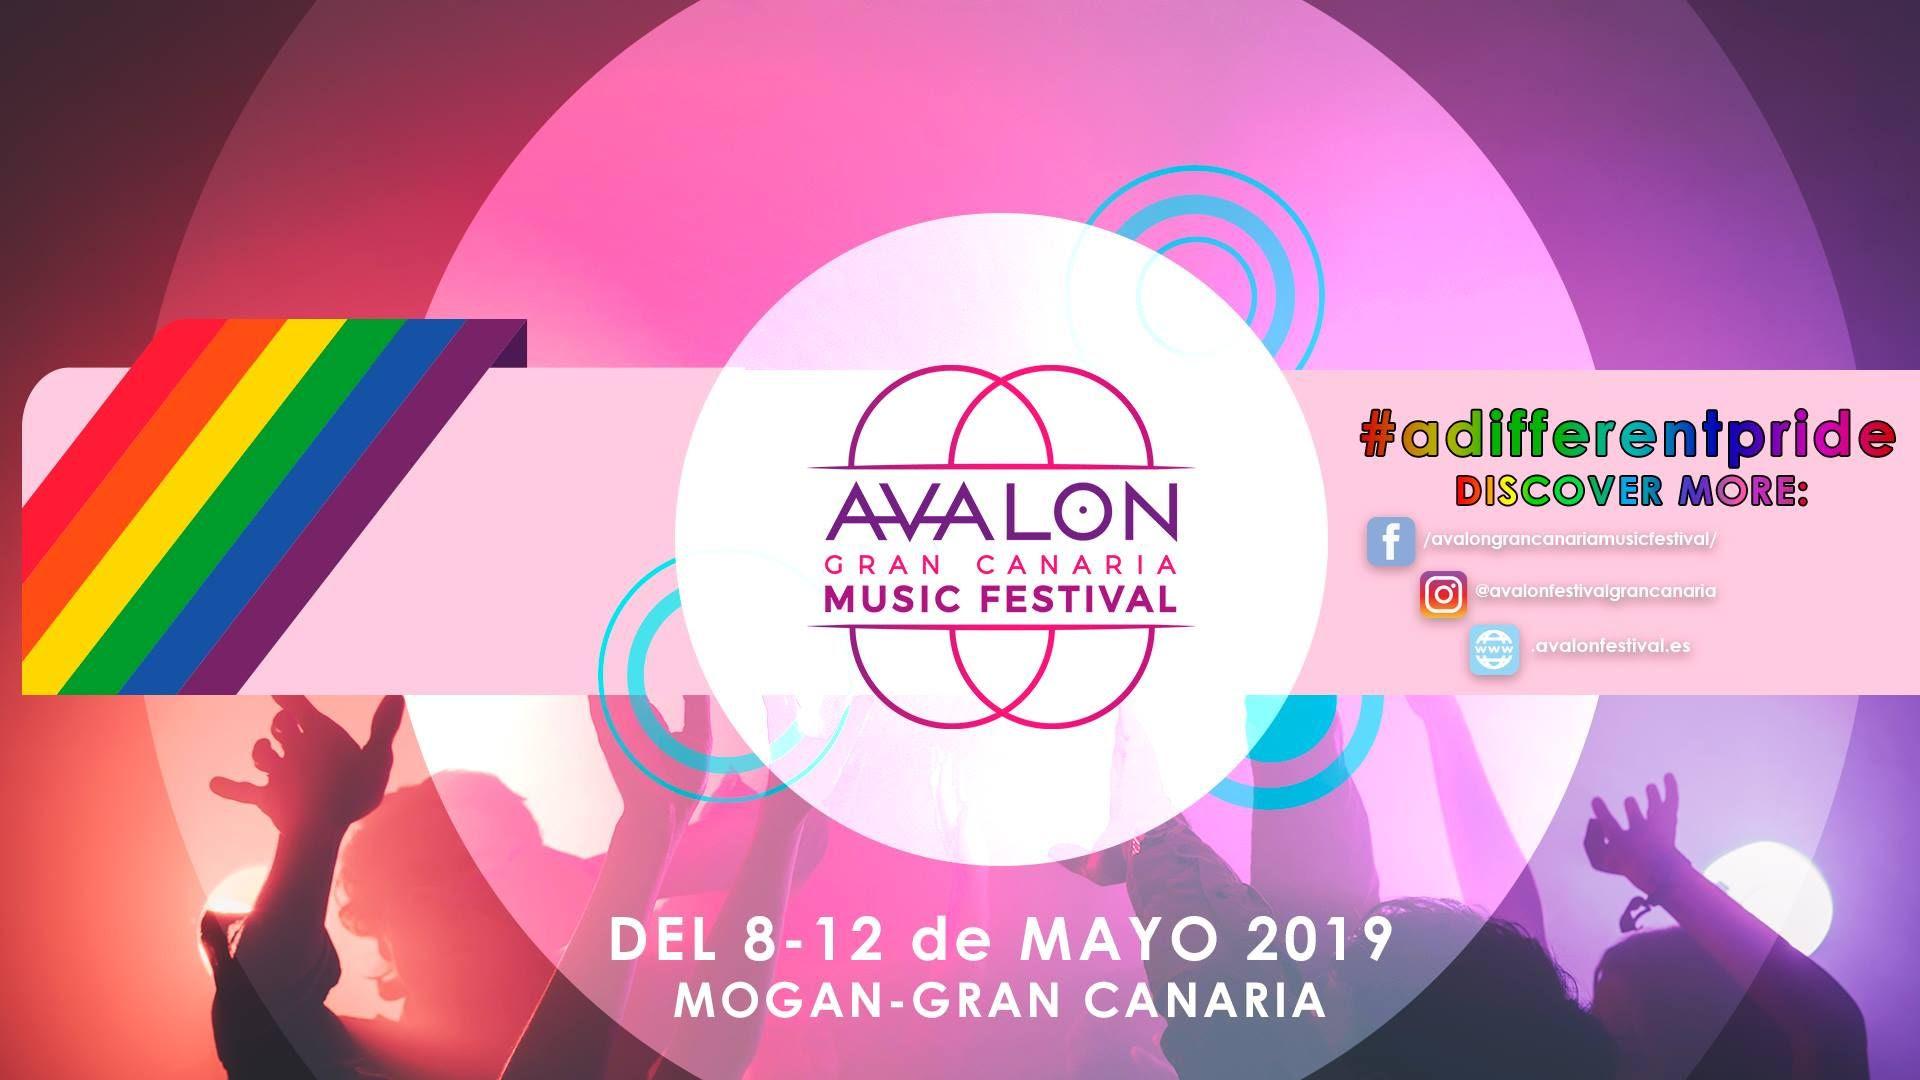 AVALON Gran Canaria Music Festival